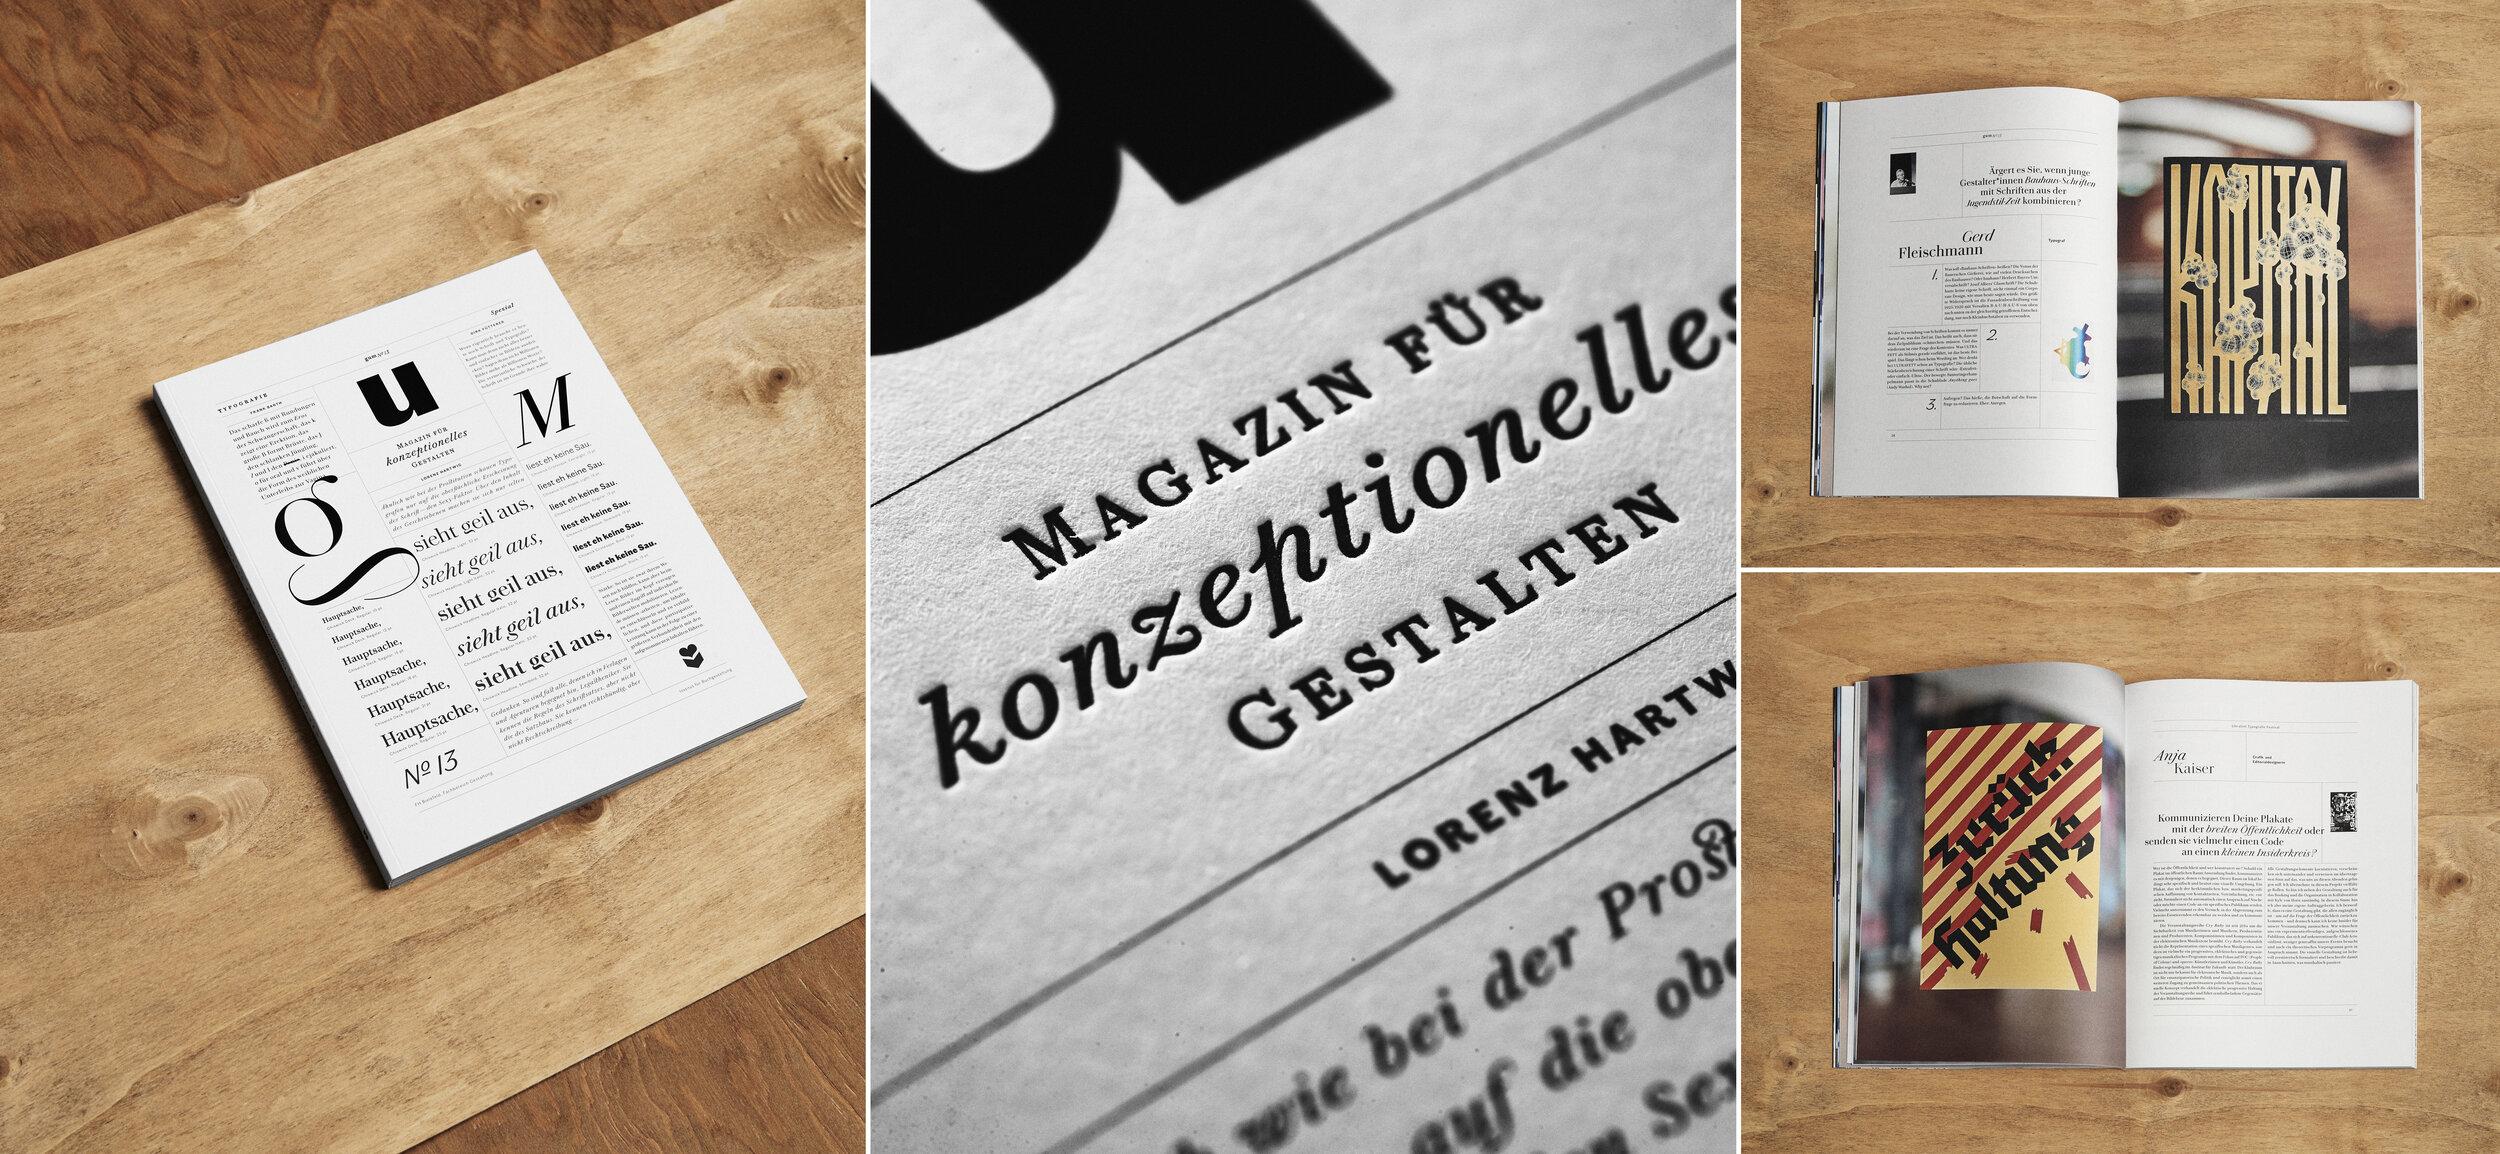 GUM,Magazin für konzeptionelles Gestalten, No13